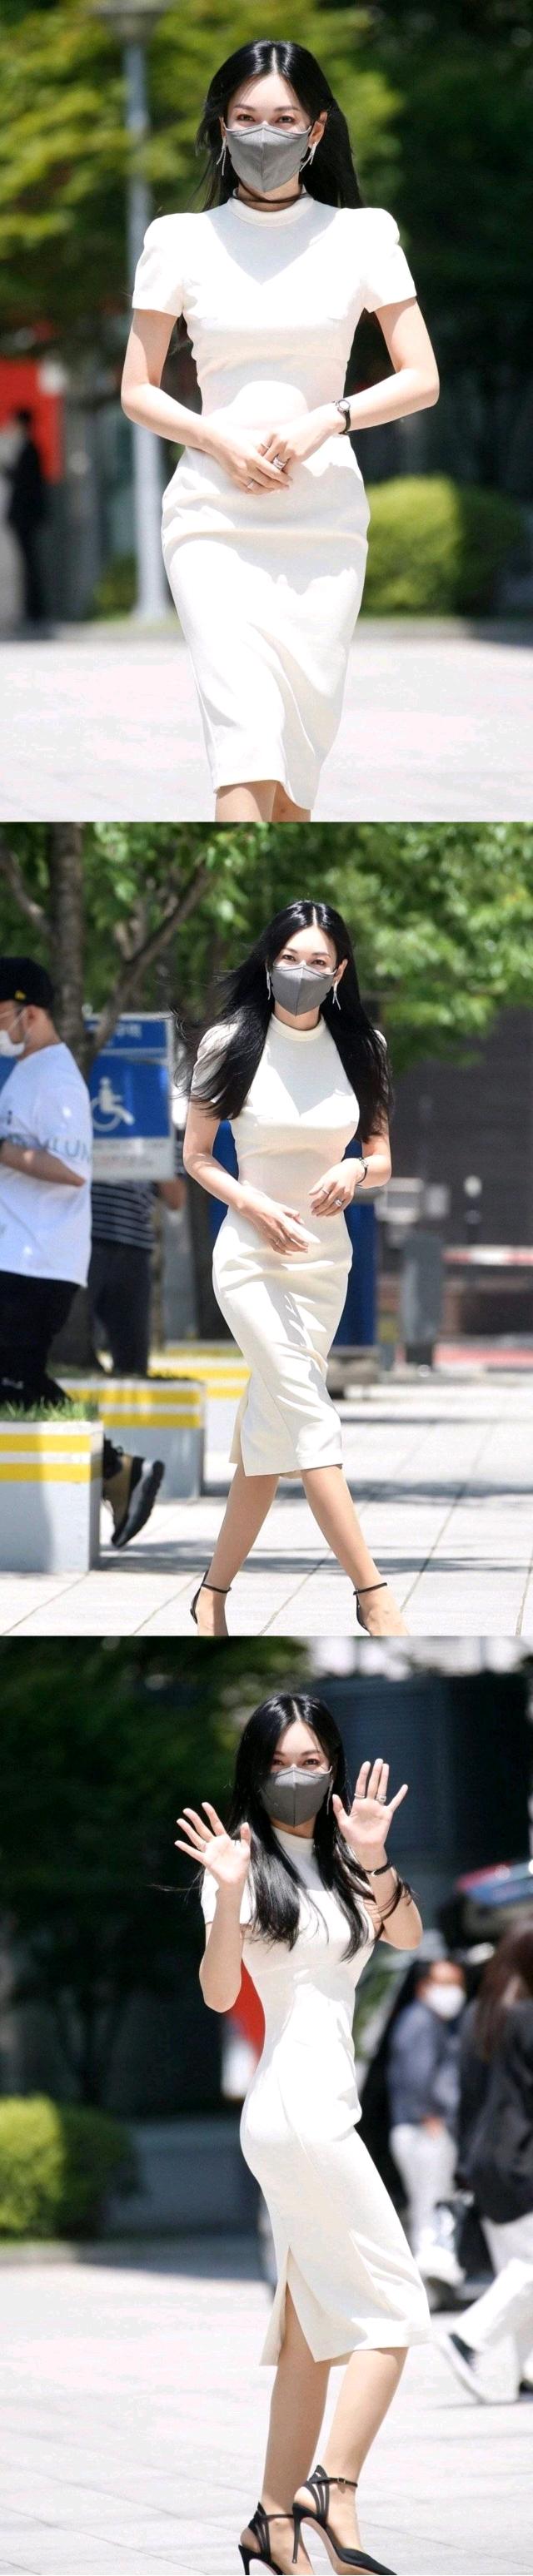 金素妍真人无PS的身材也太辣了,40岁一点不运动比顶楼千瑞珍还美